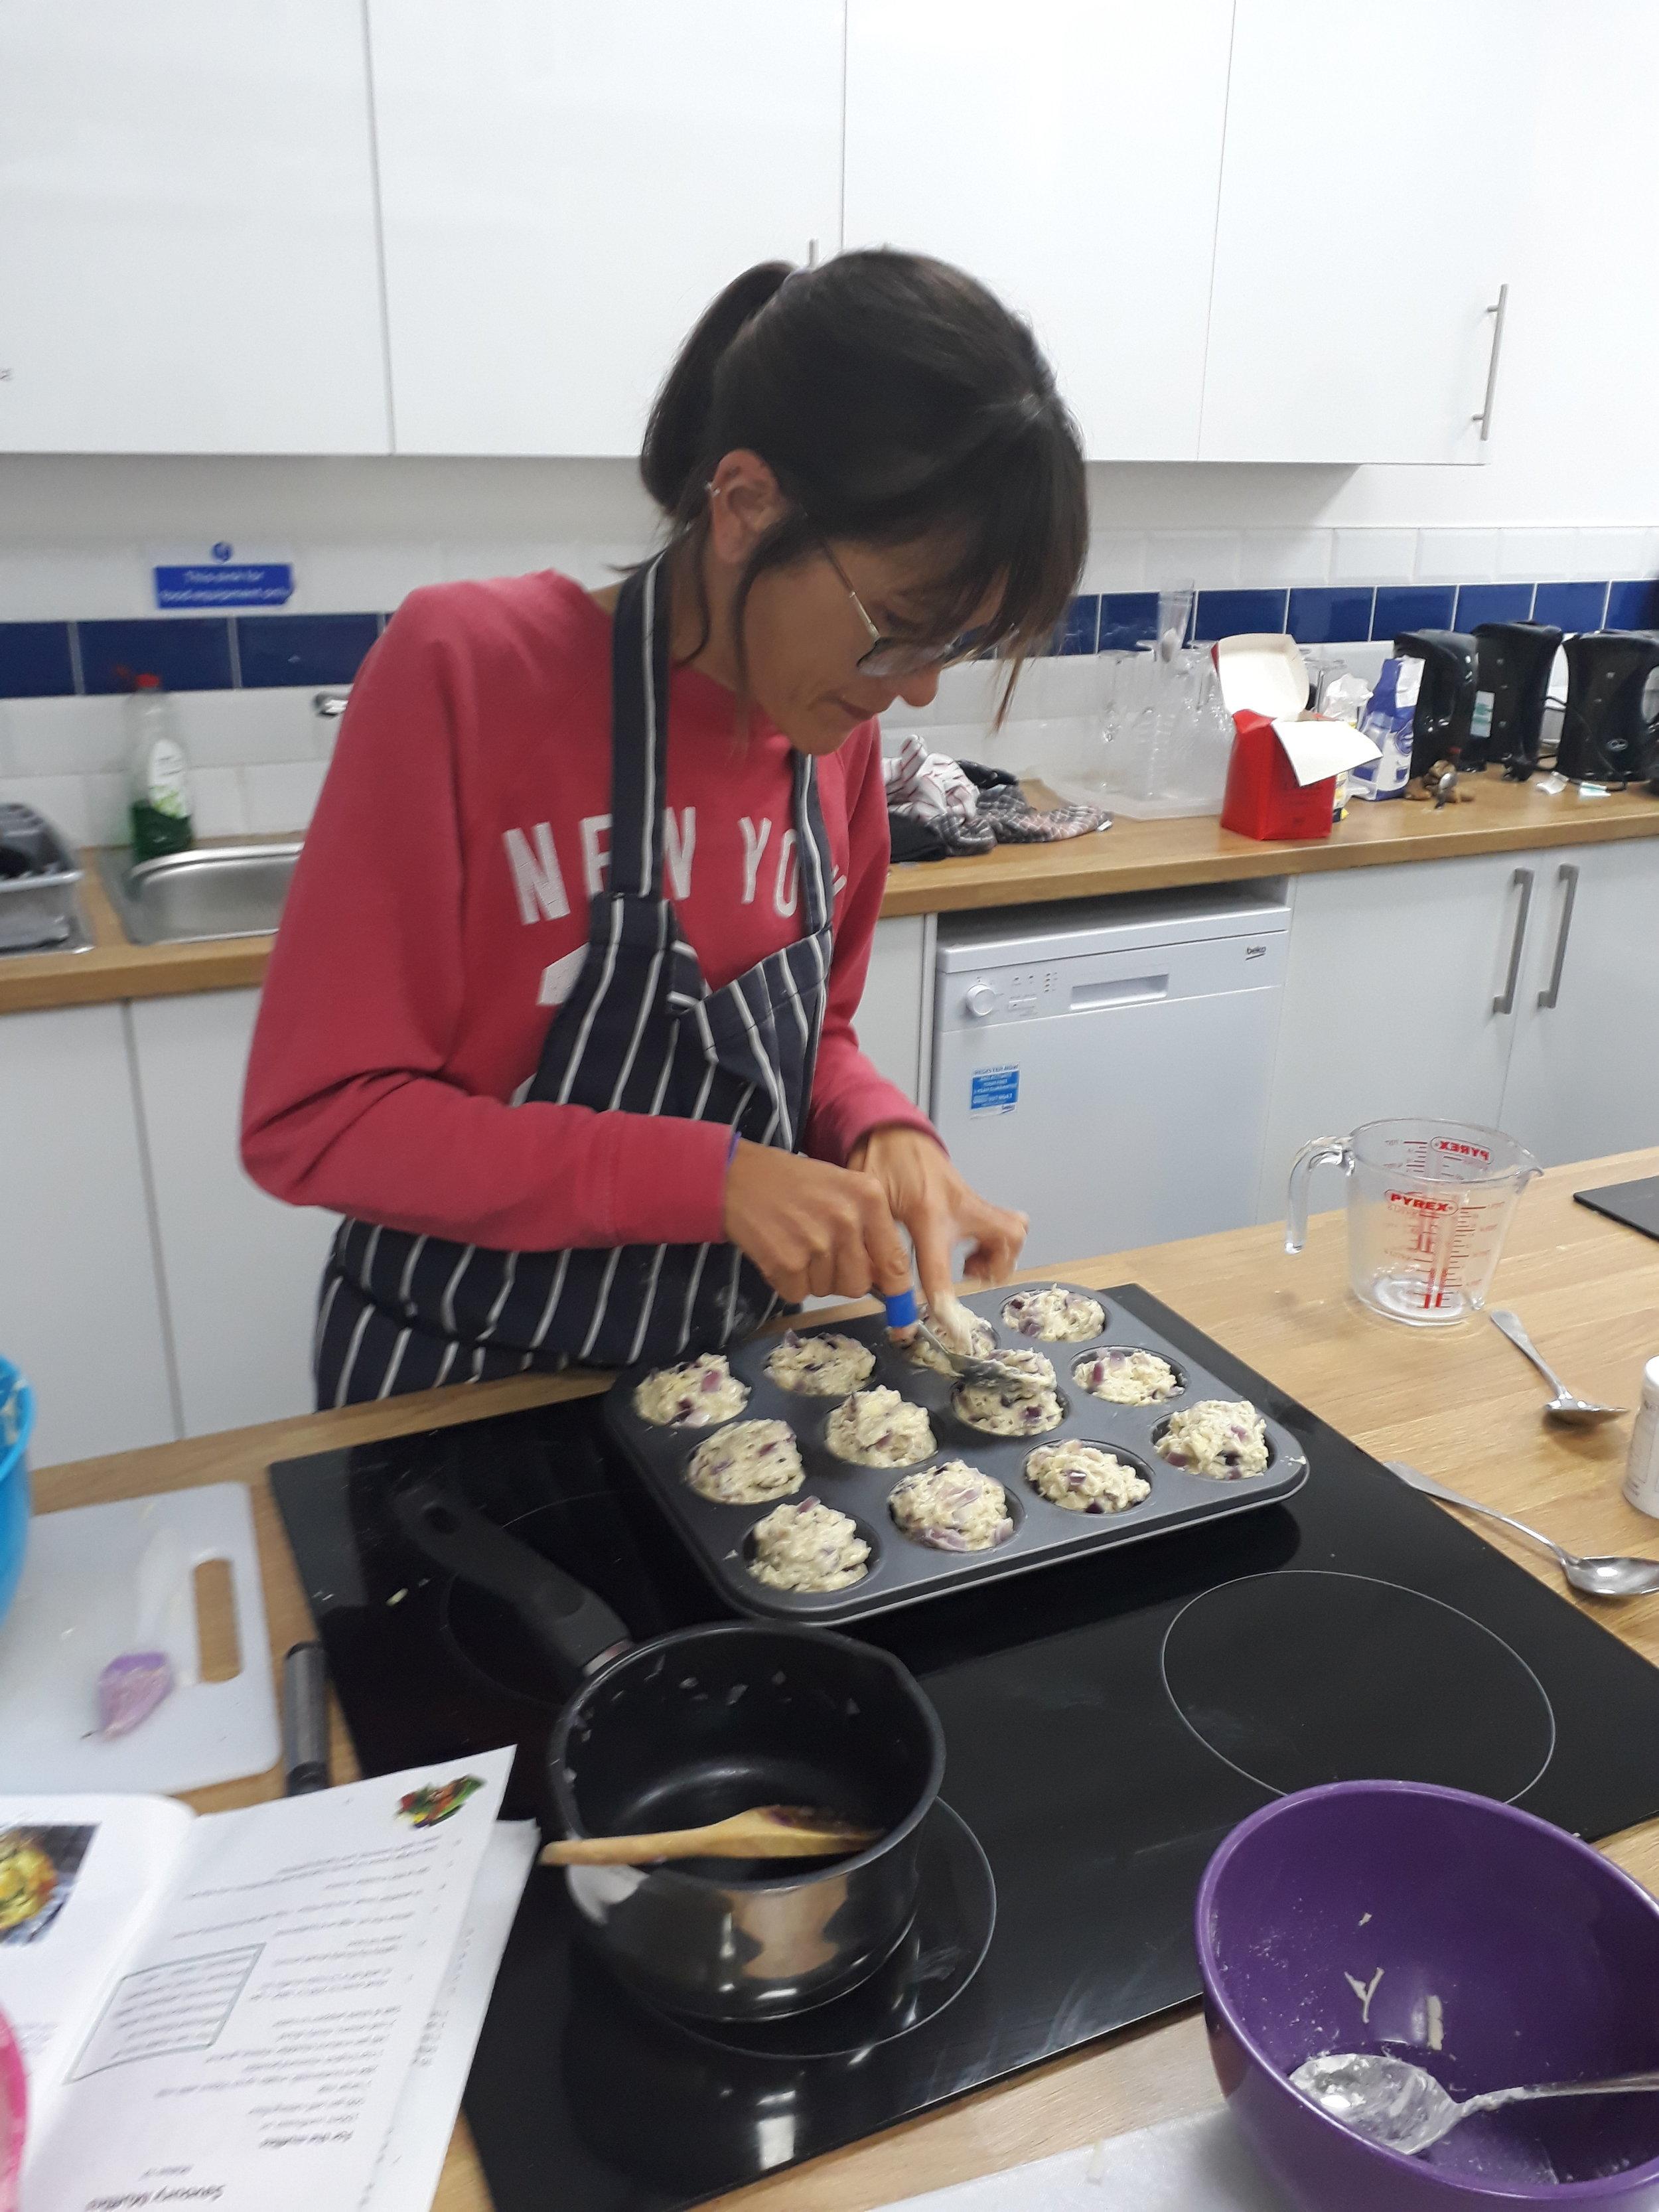 fran making savoury muffins.jpg